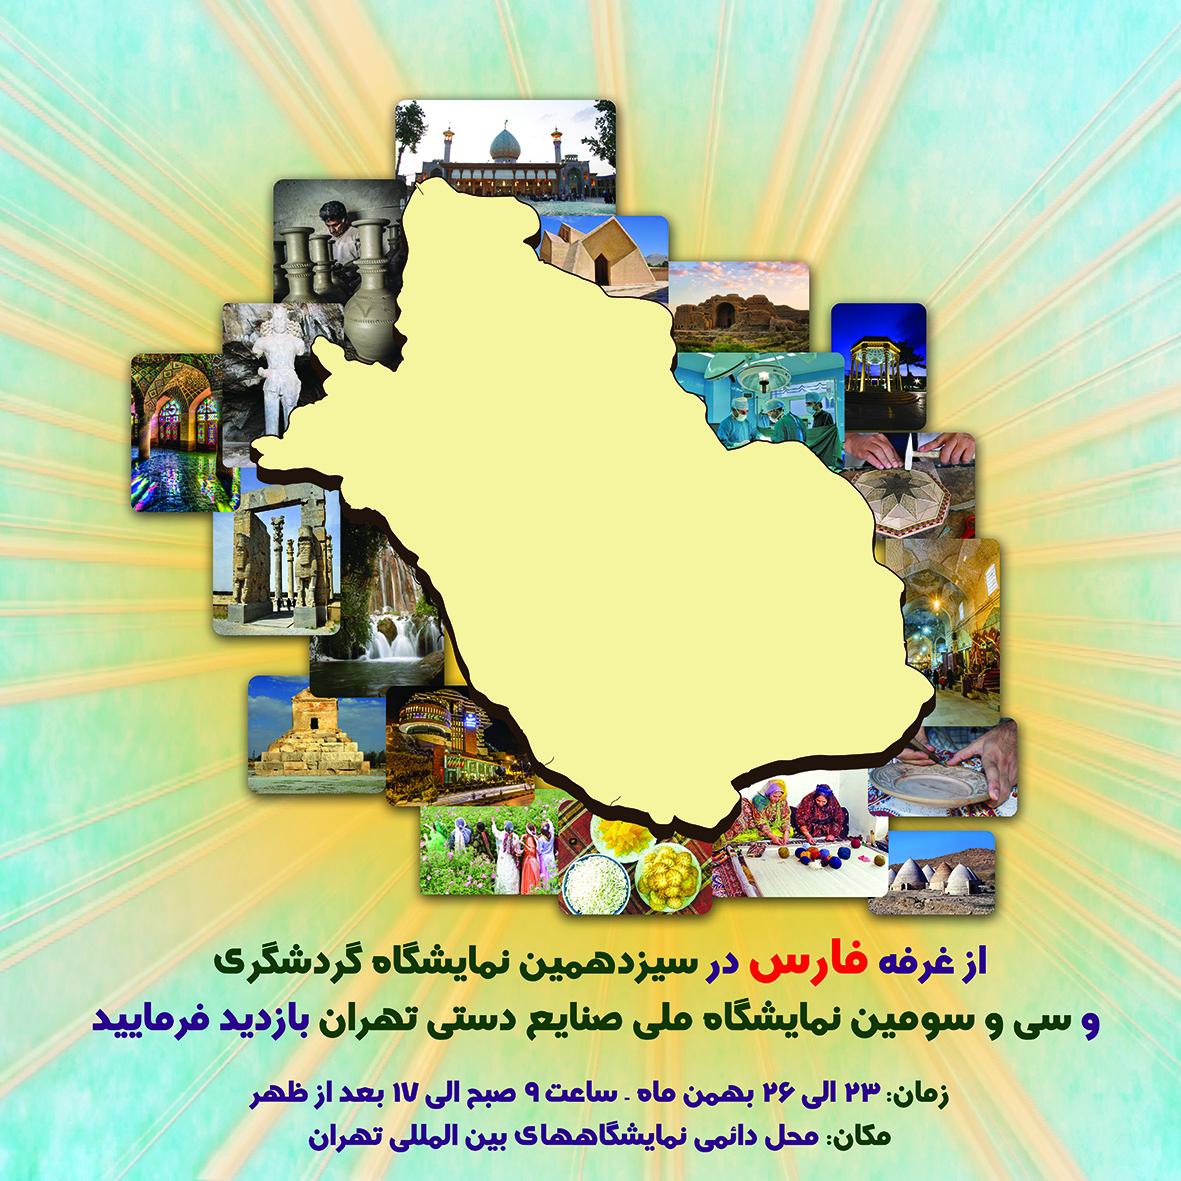 جاذبه های گردشگری و صنایع دستی فارس در پایتخت معرفی شد